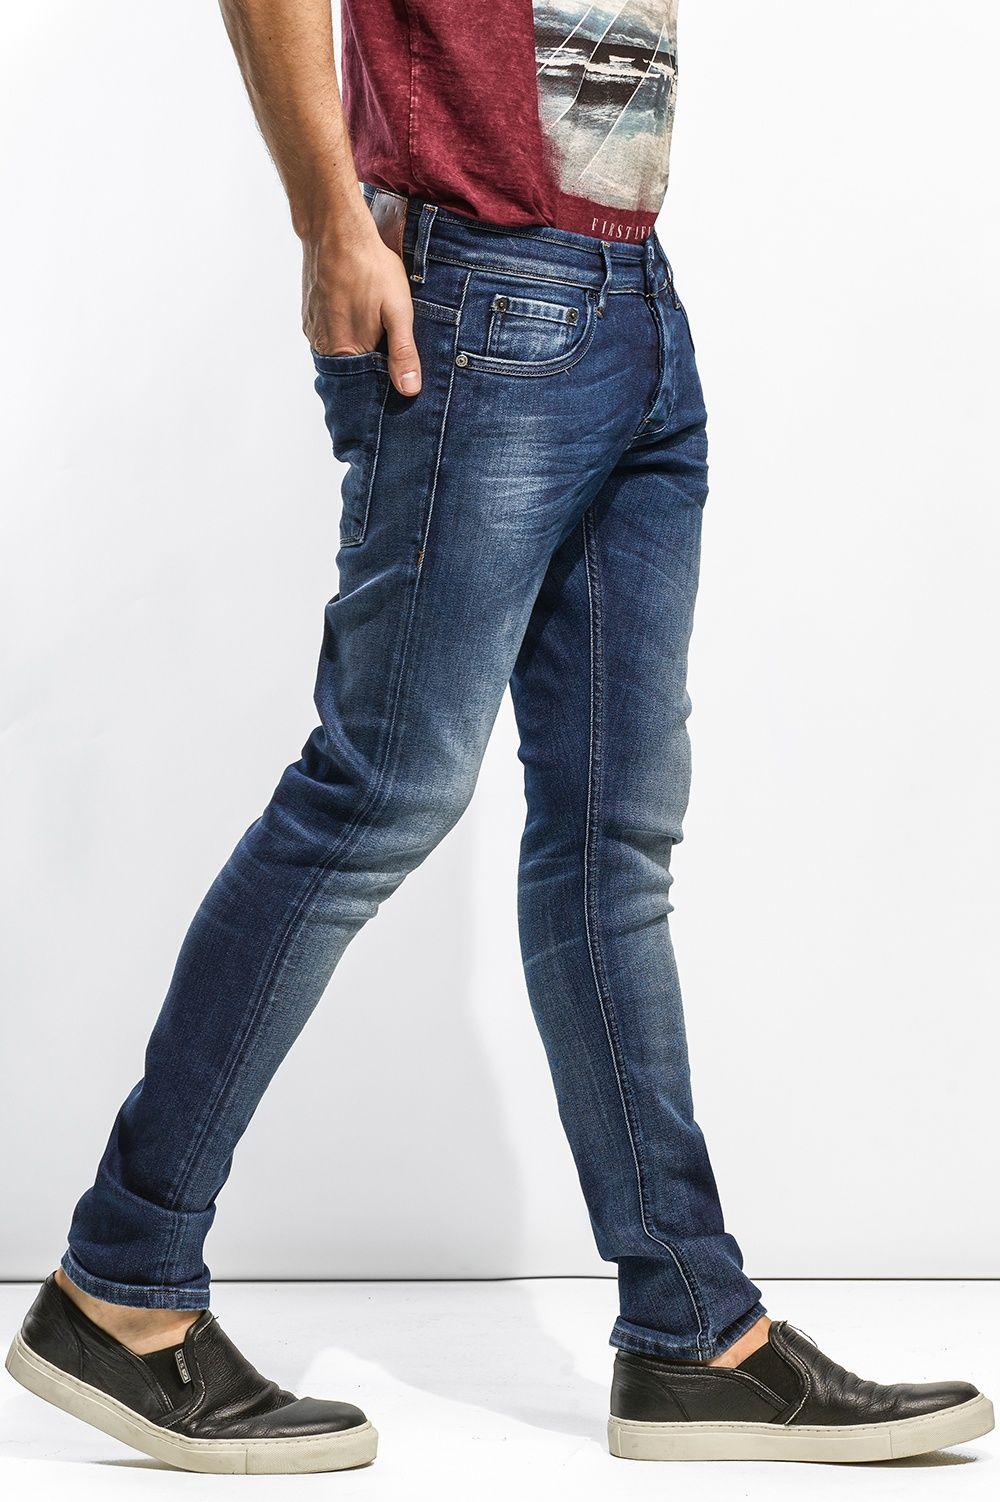 29f19212b Calças de ganga cintura baixa e perna muito justa | 110717 Medium Dark |  Salsa